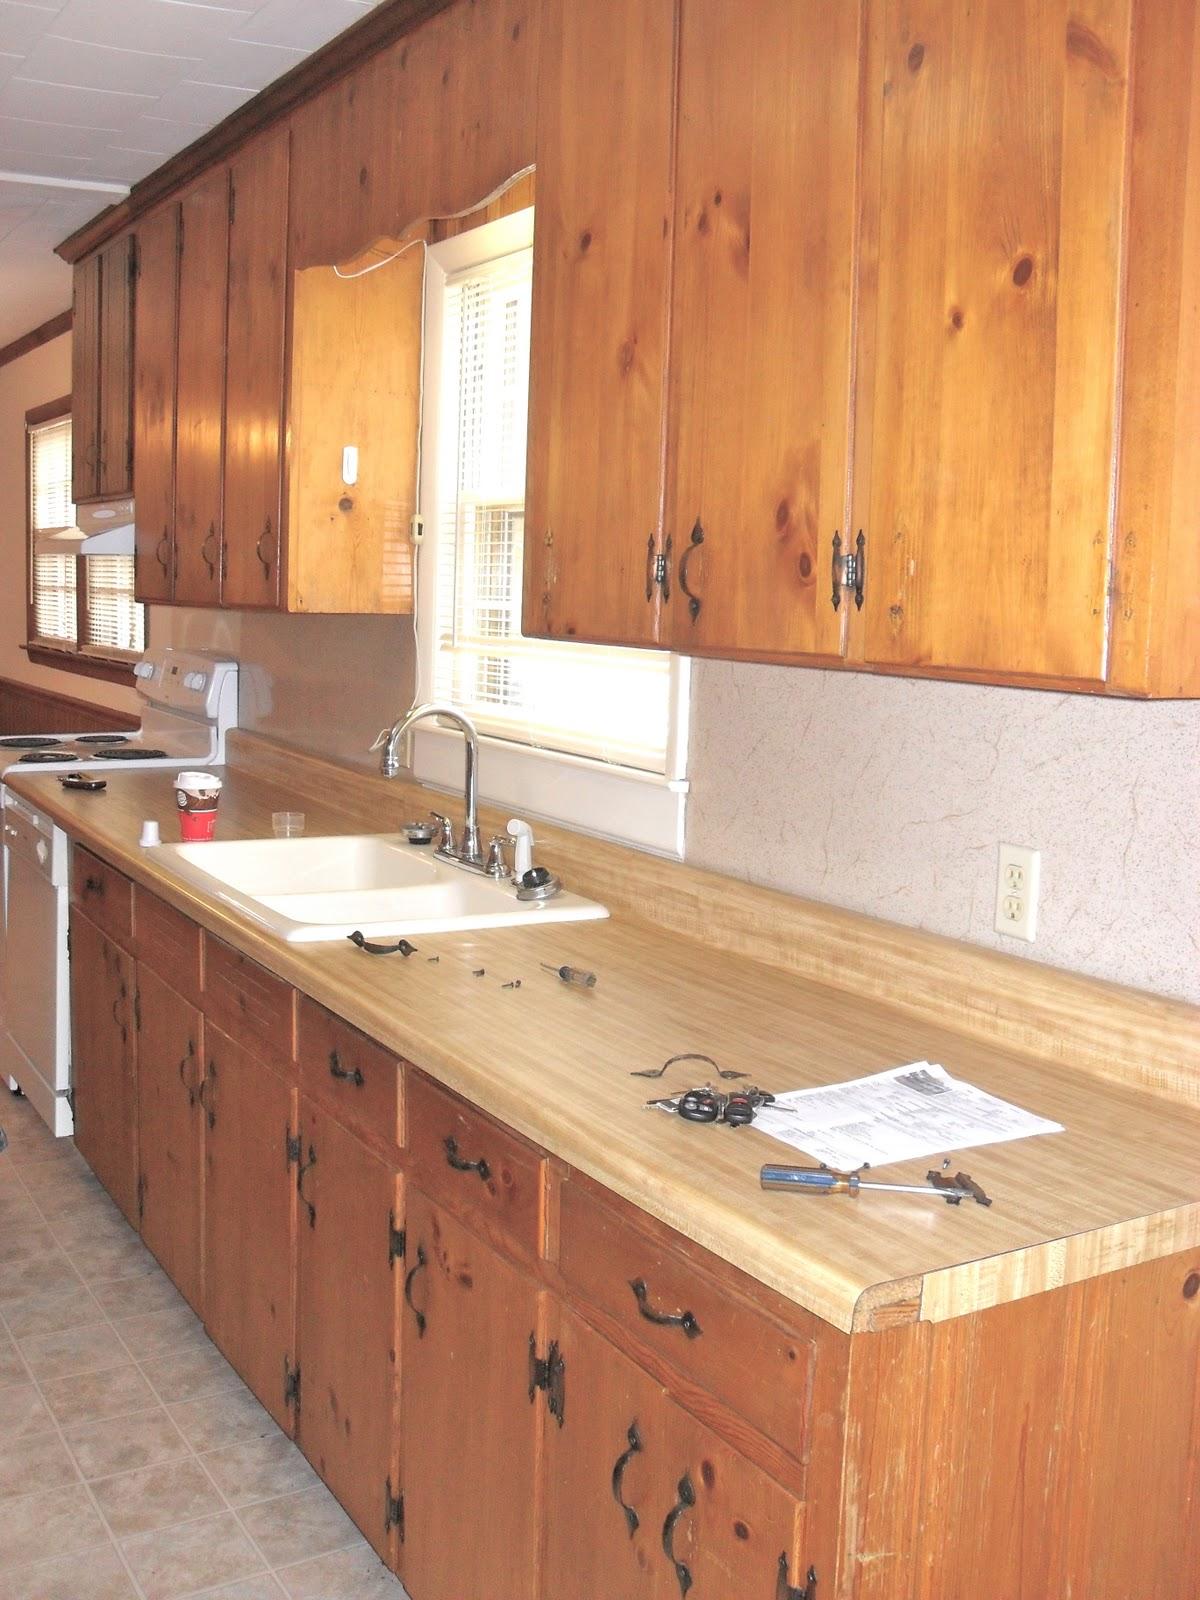 knotty pine kitchen cabinets knotty pine cabinets top amberus knotty pine kitchen